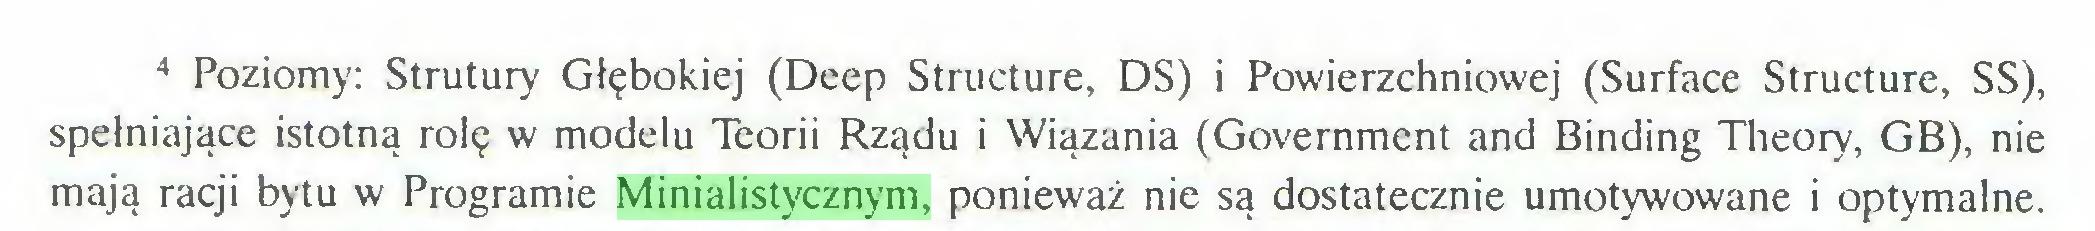 (...) 4 Poziomy: Strutury Głębokiej (Deep Structure, DS) i Powierzchniowej (Surface Structure, SS), spełniające istotną rolę w modelu Teorii Rządu i Wiązania (Government and Binding Theory, GB), nie mają racji bytu w Programie Minialistycznym, ponieważ nie są dostatecznie umotywowane i optymalne...